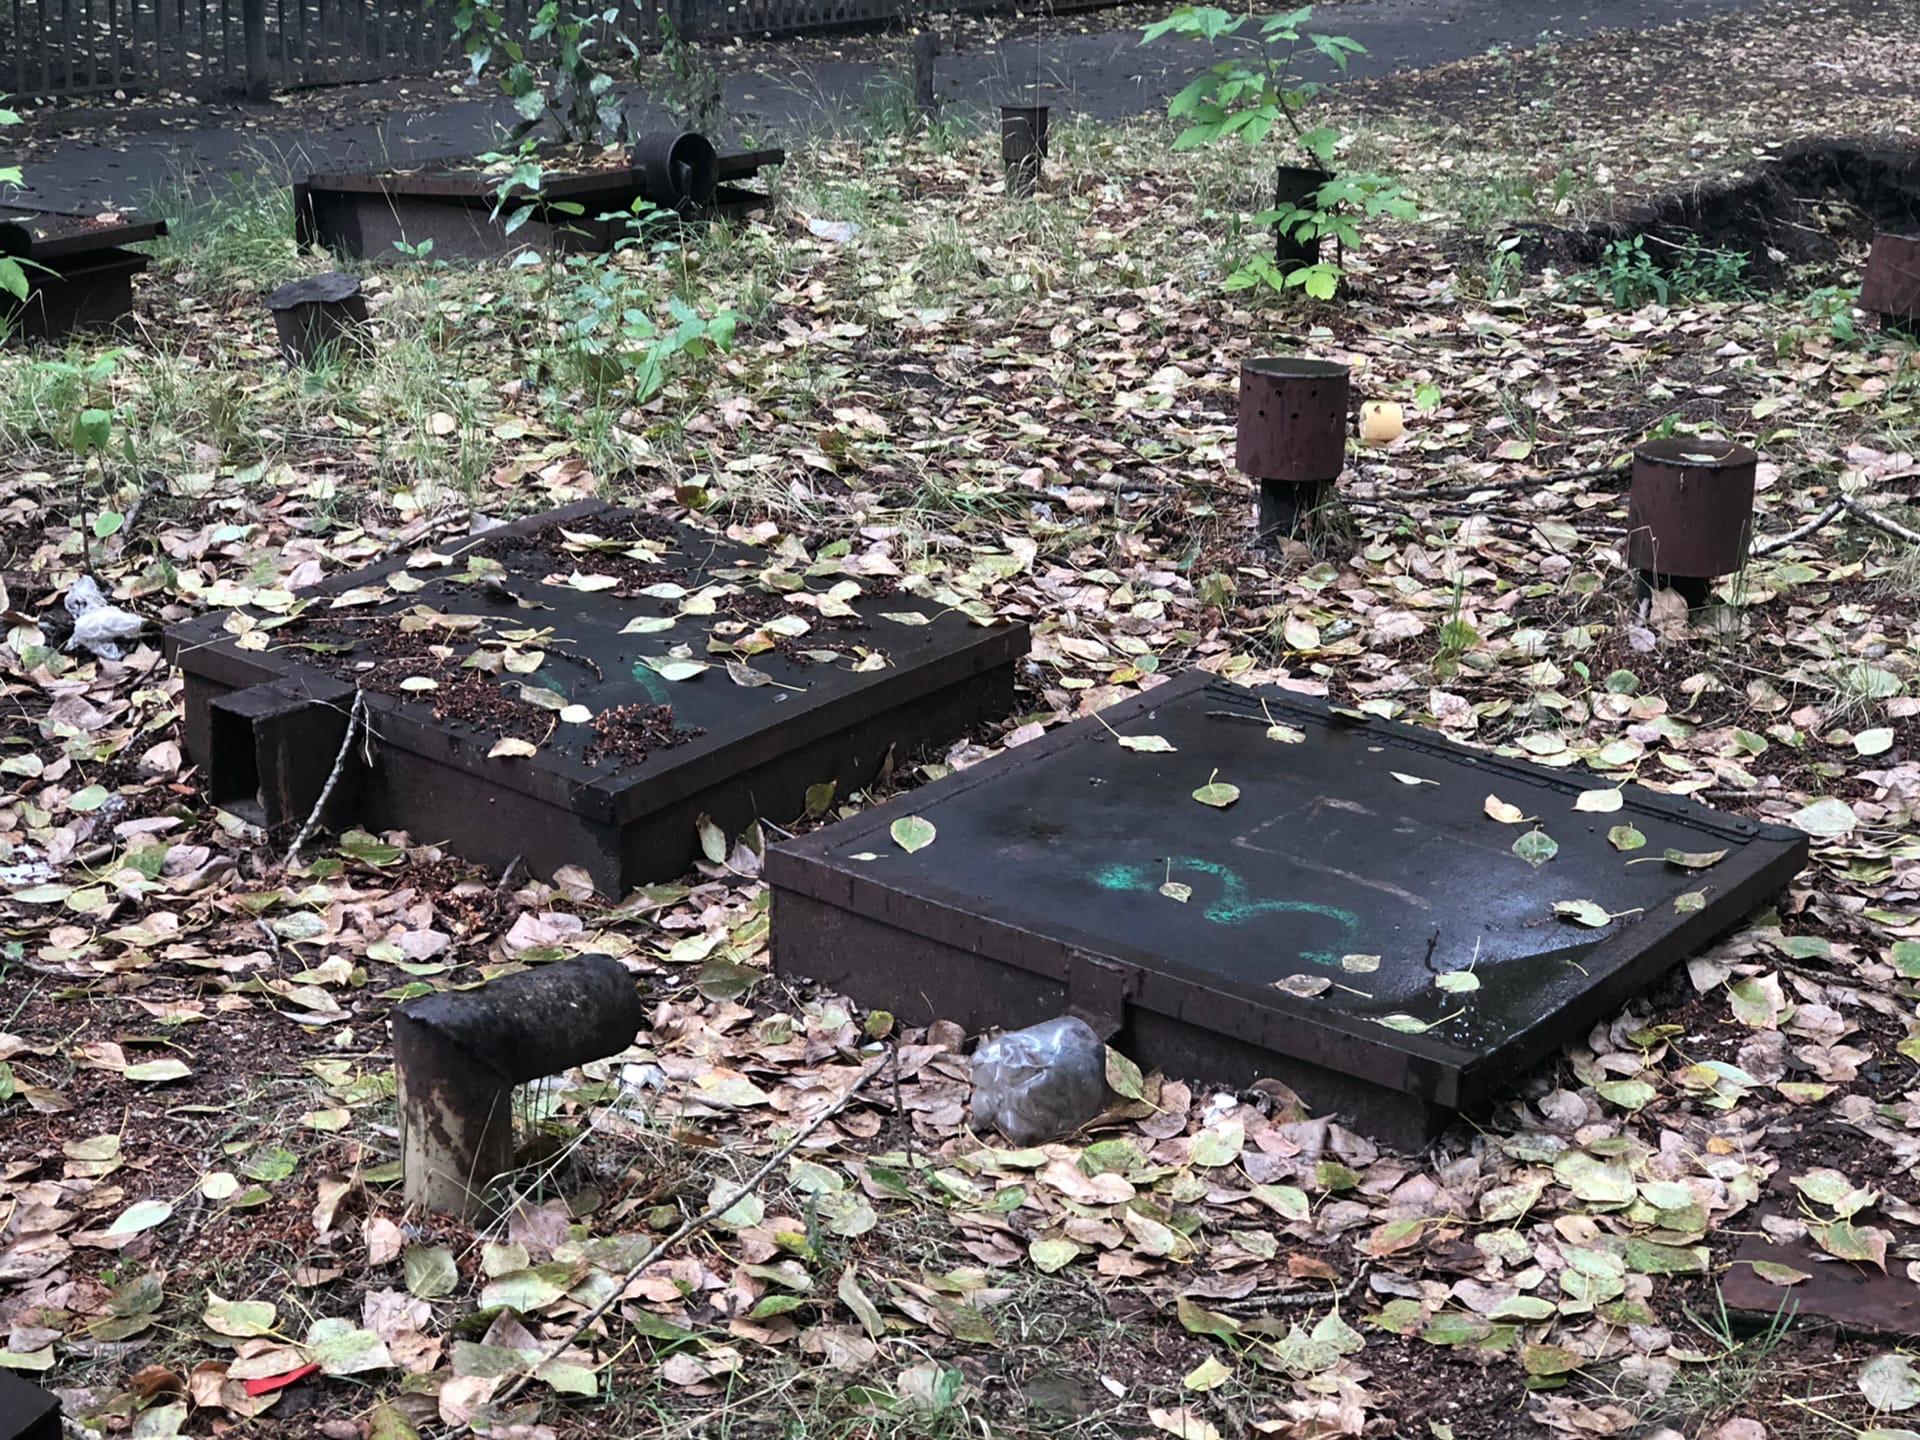 Люди, приезжающие в Тюмень из других больших городов, всегда удивляются, когда видят погреба